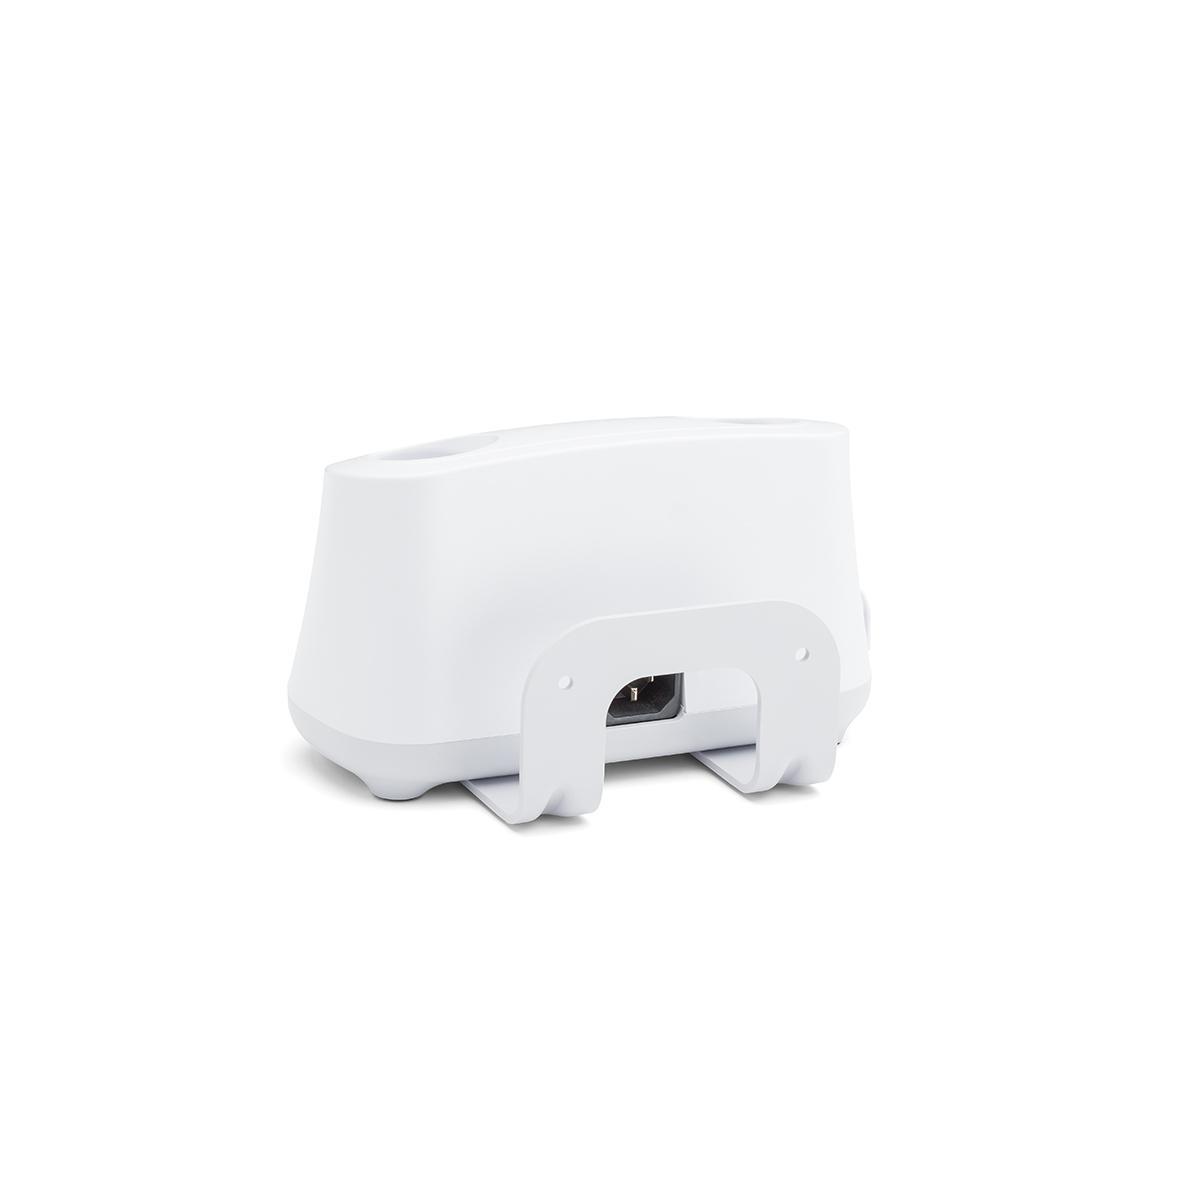 Universal Desk Charger back side mounting bracket